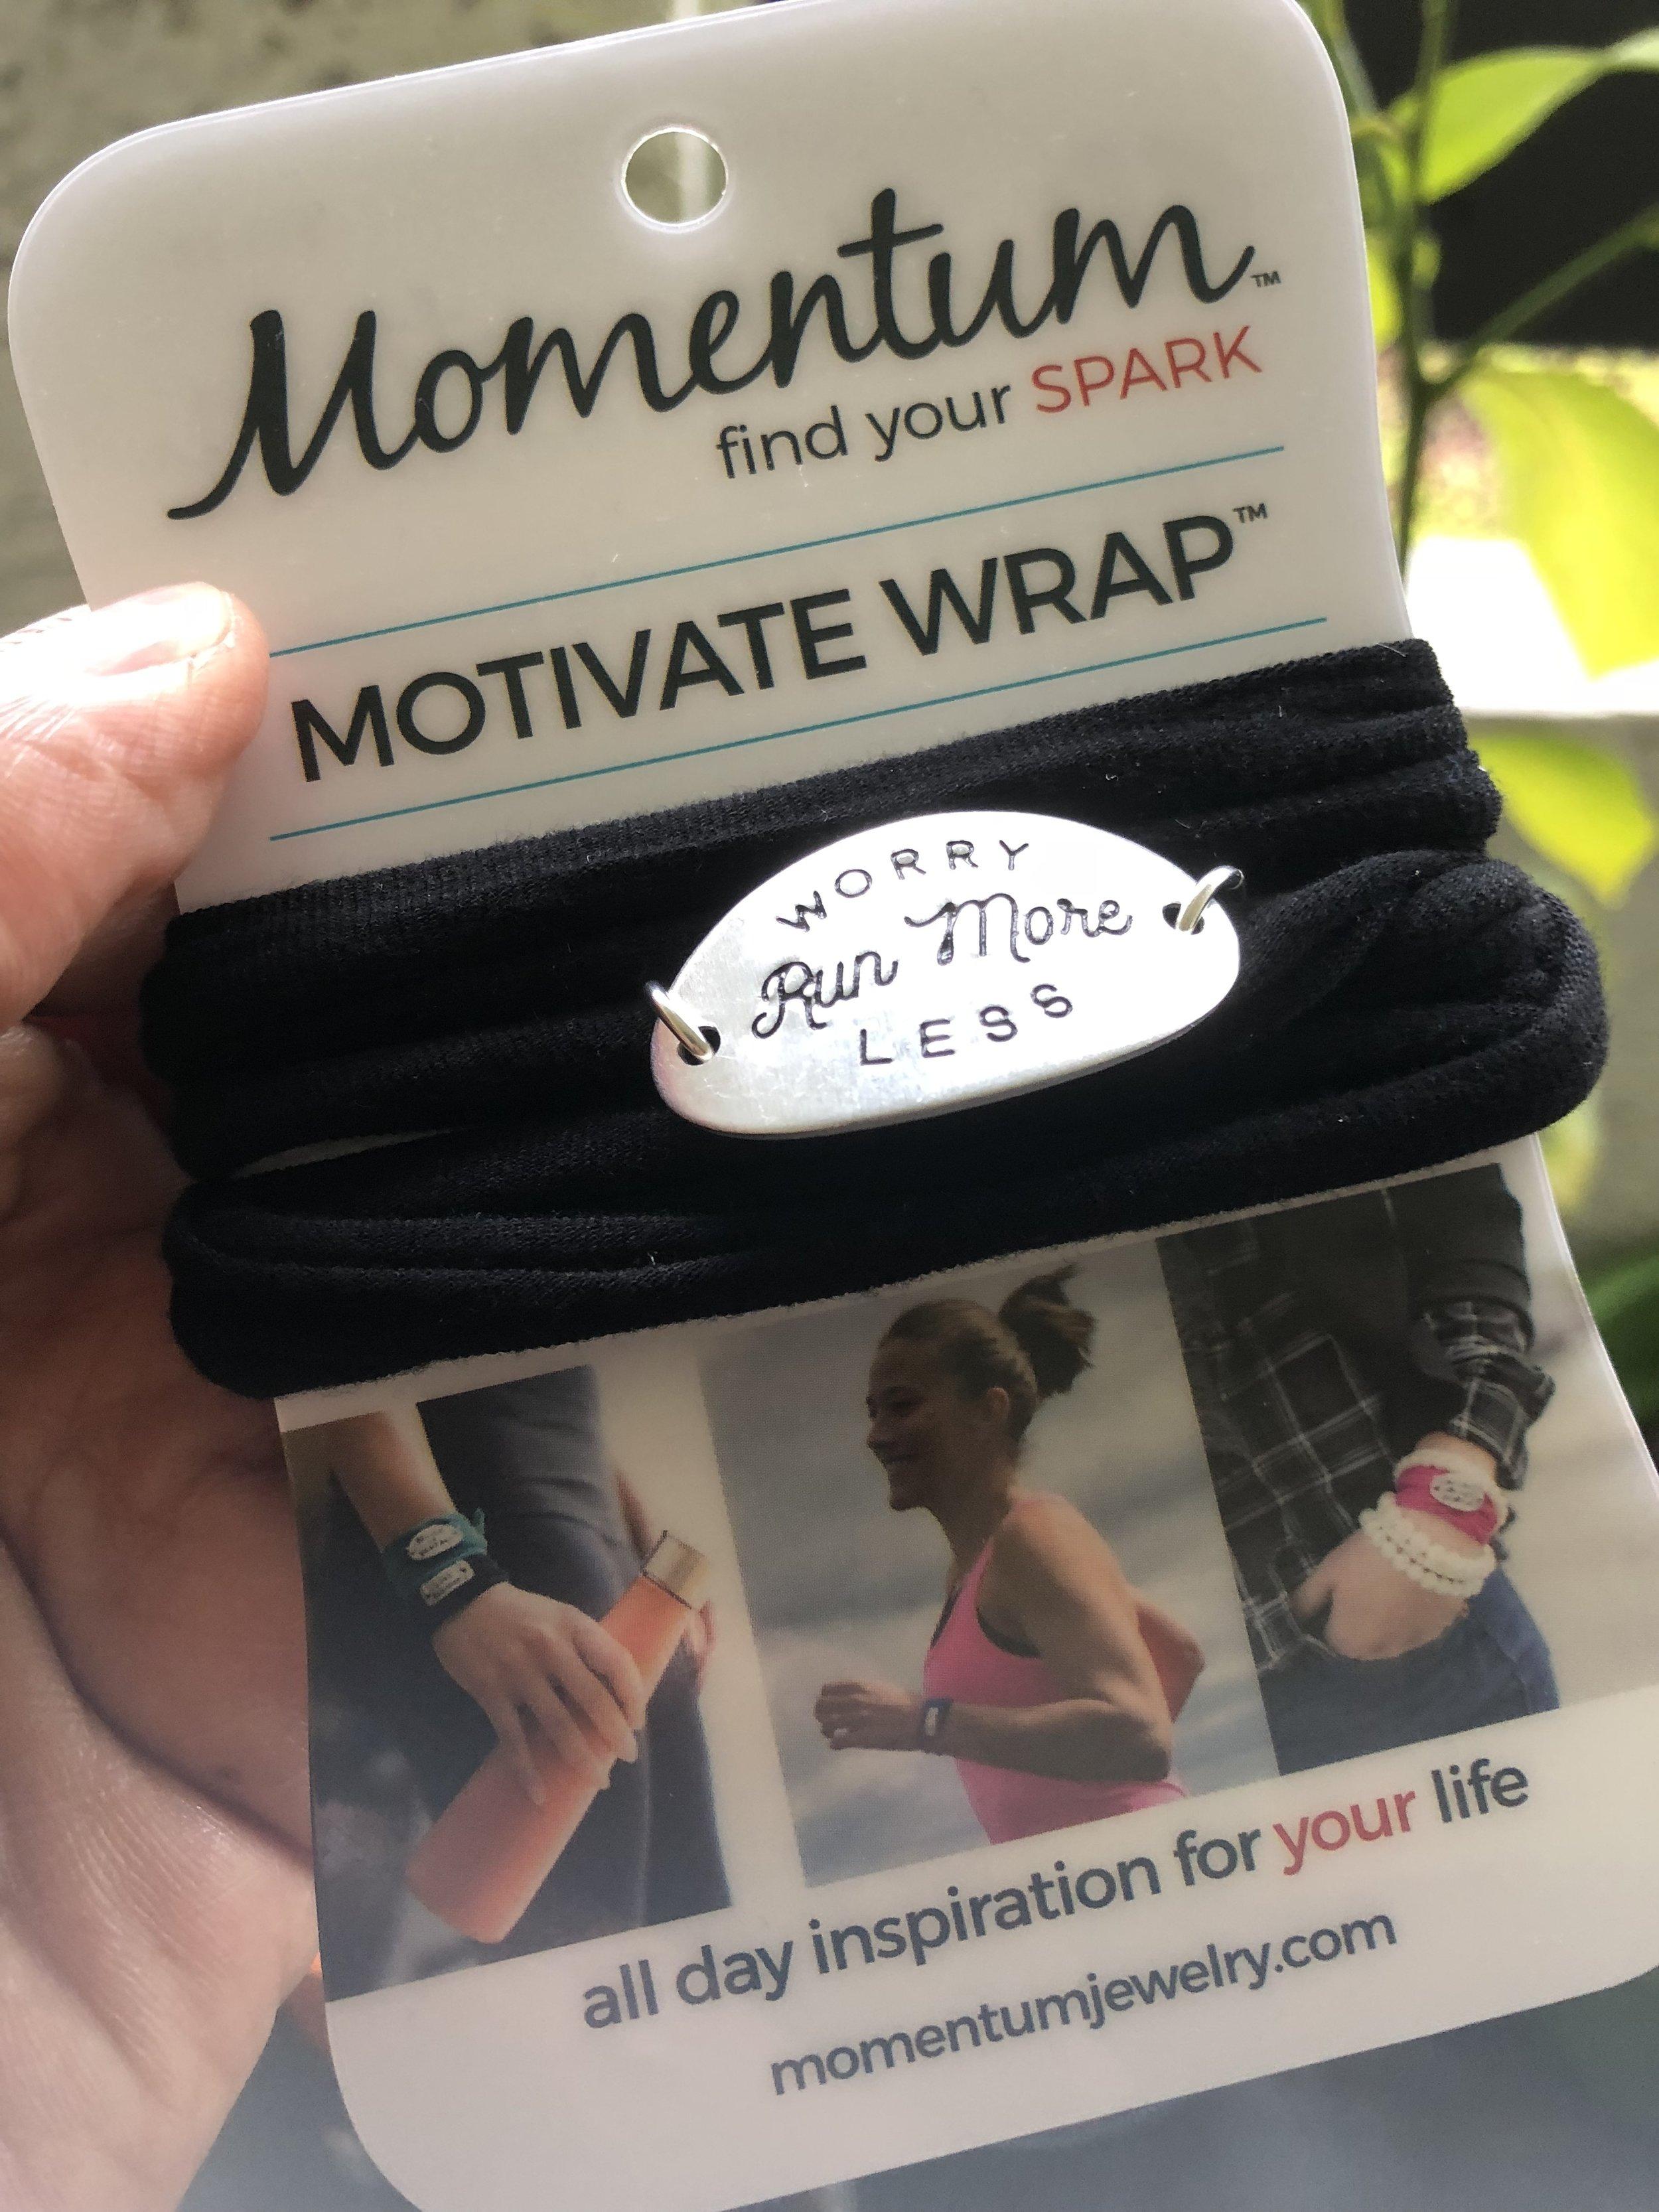 momentumjewelry.com